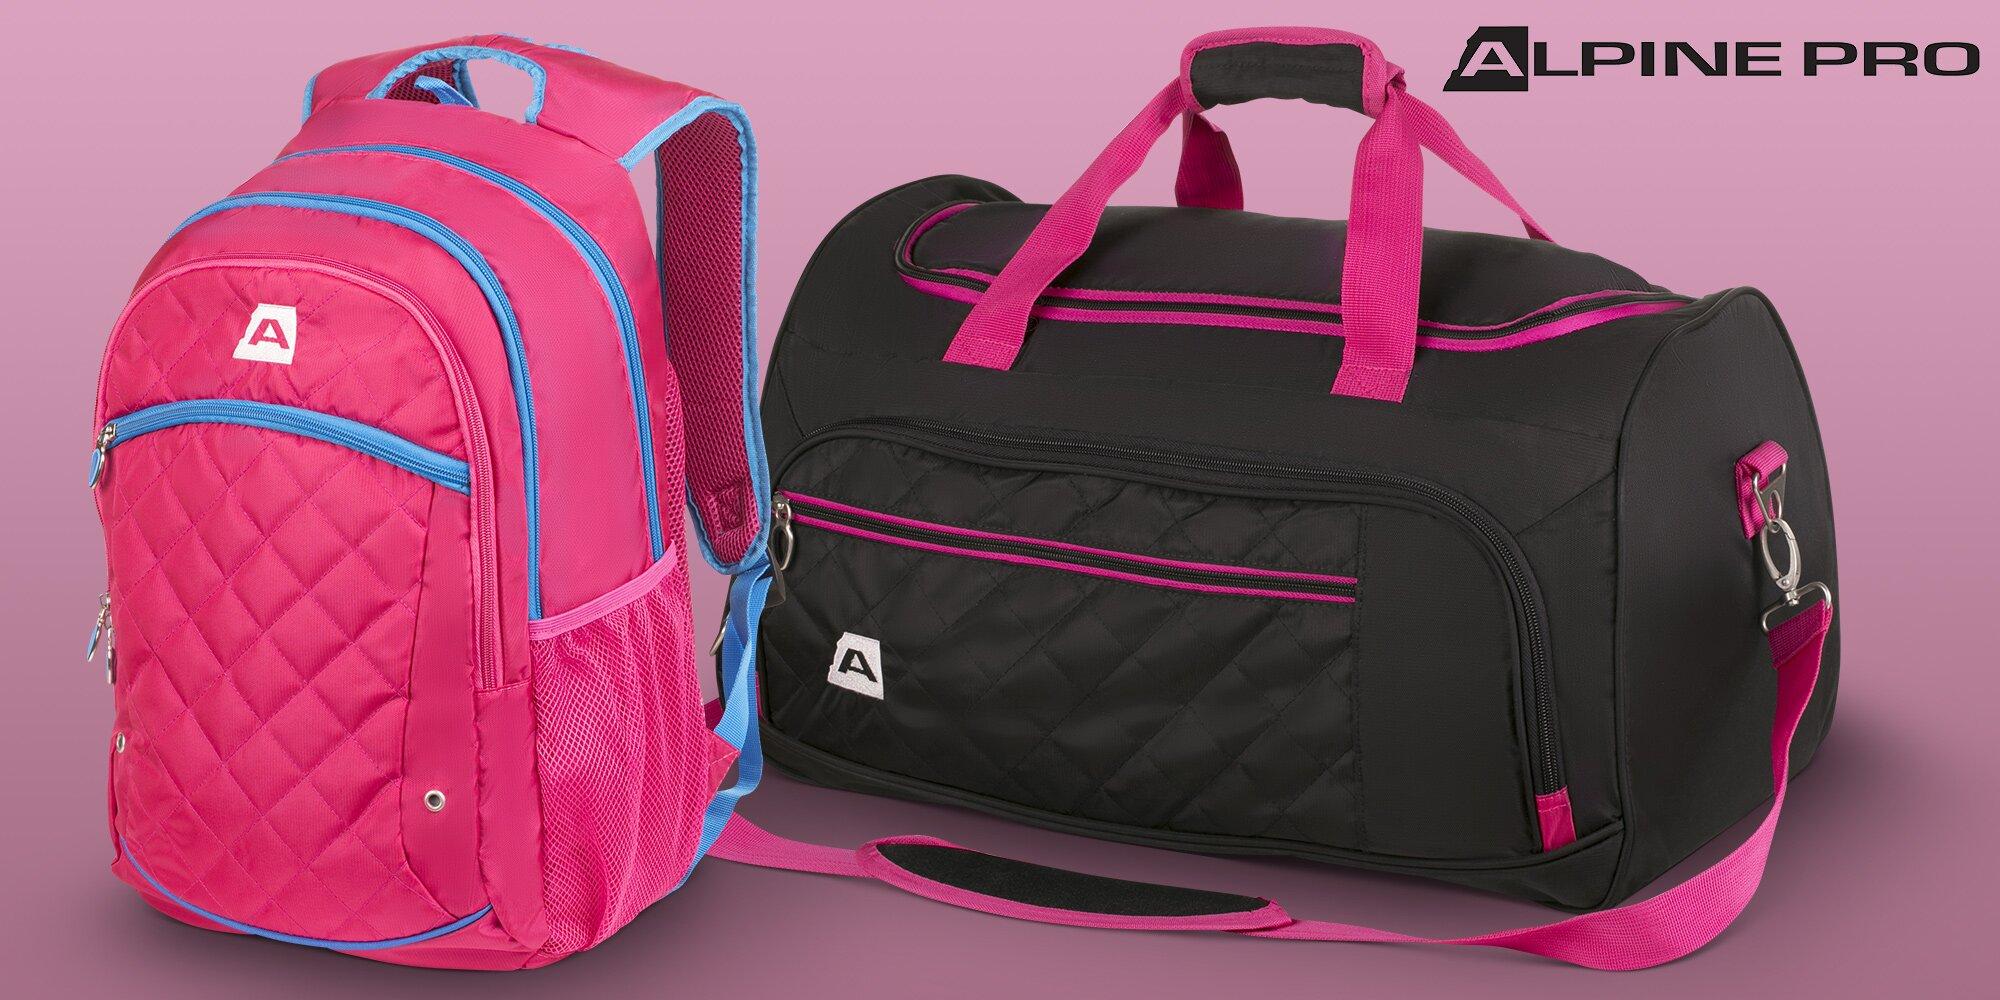 0c2be4af2a Sportovní tašky a batohy Alpine Pro